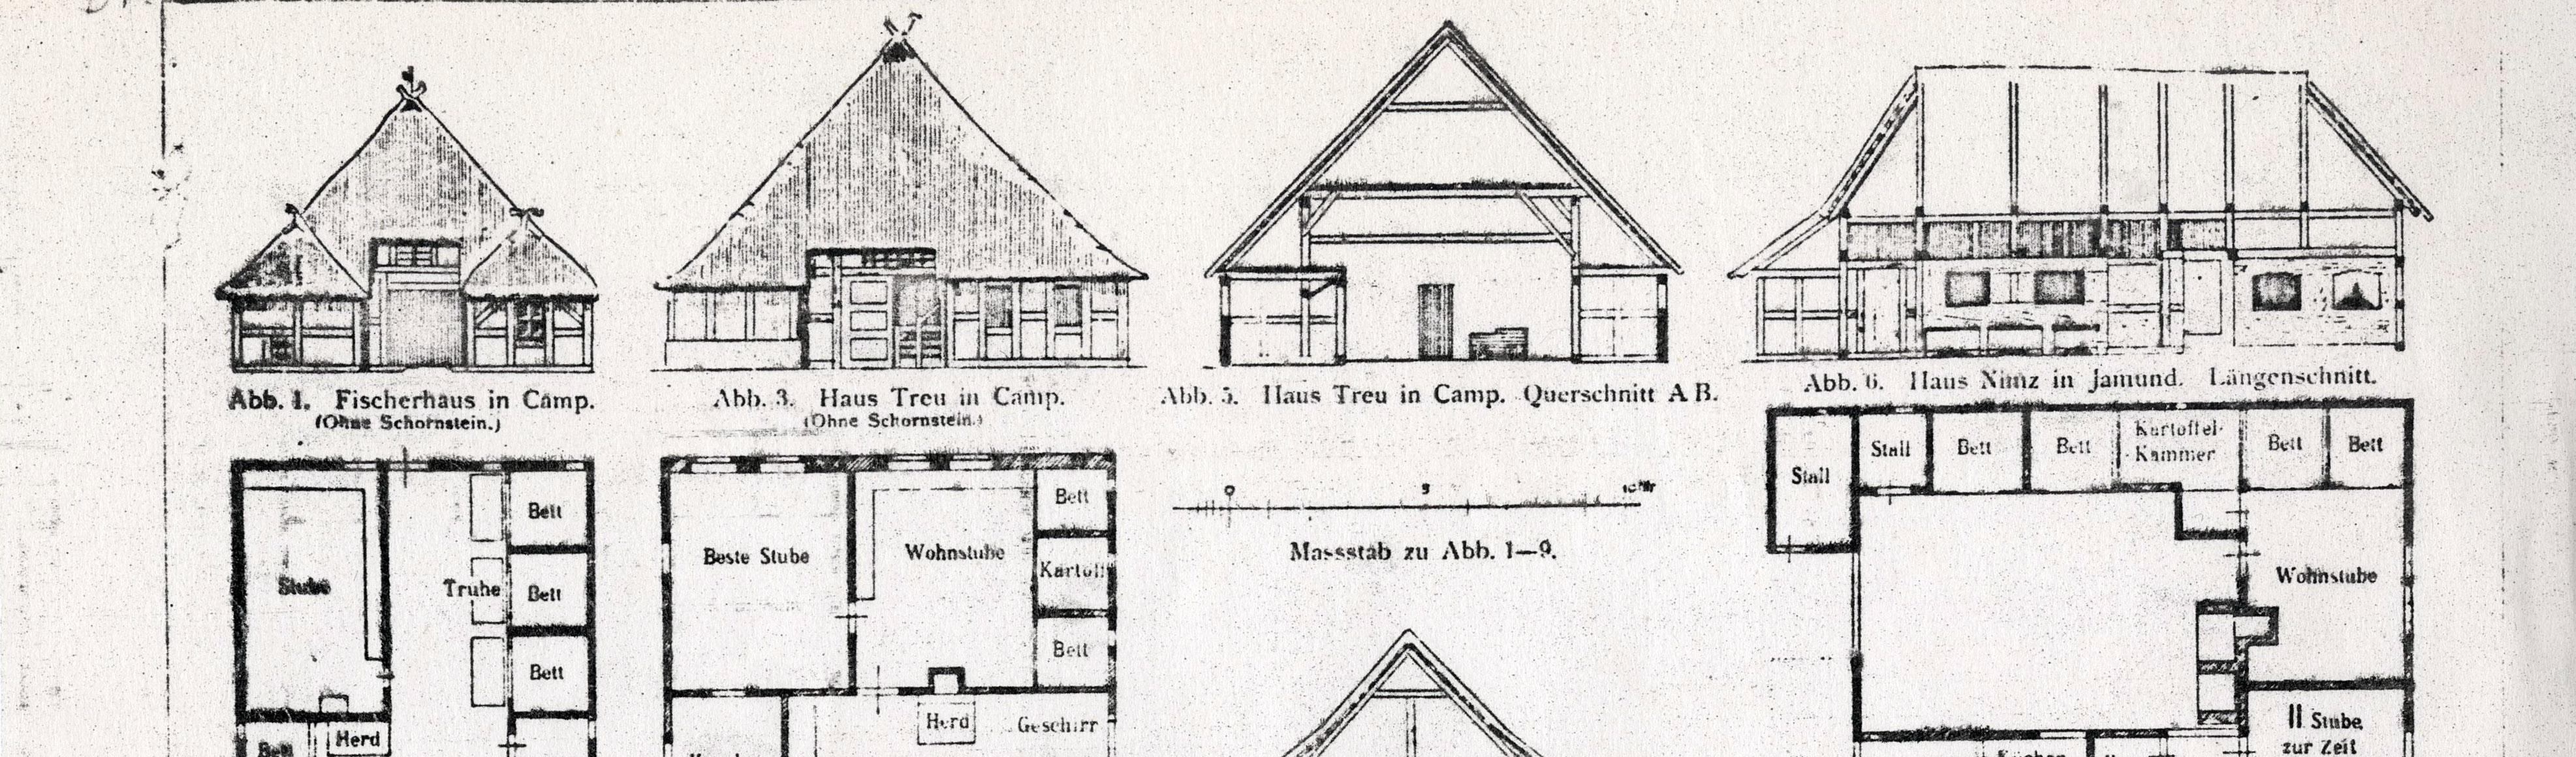 Rysunek archiwalny przedstawiający szkice inwentaryzacyjne chałup.